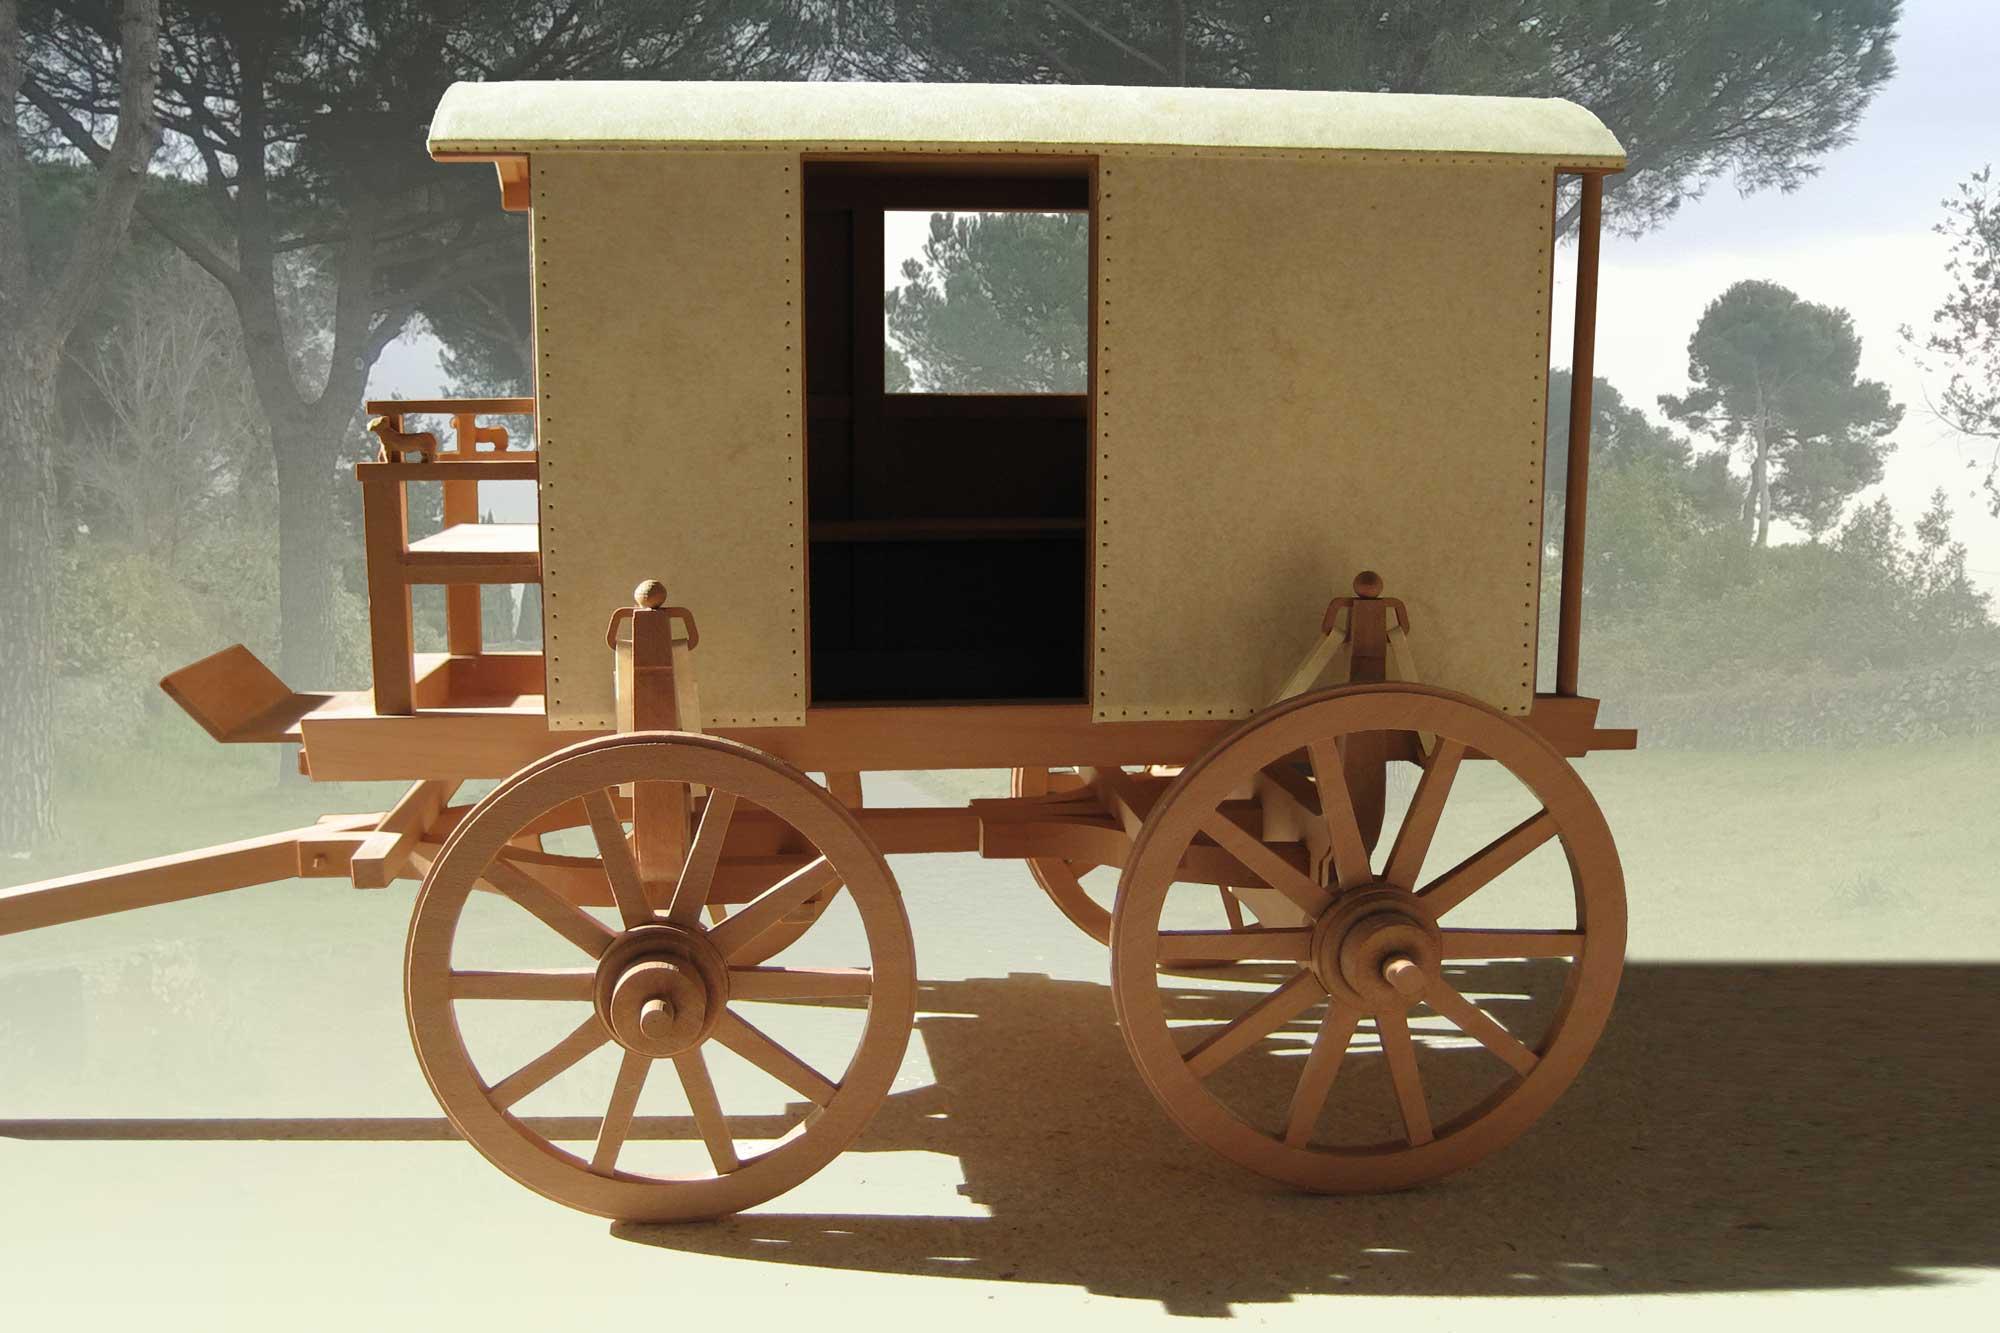 Anschauungsmodell römischer Reisewagen im Gäubodenmuseum